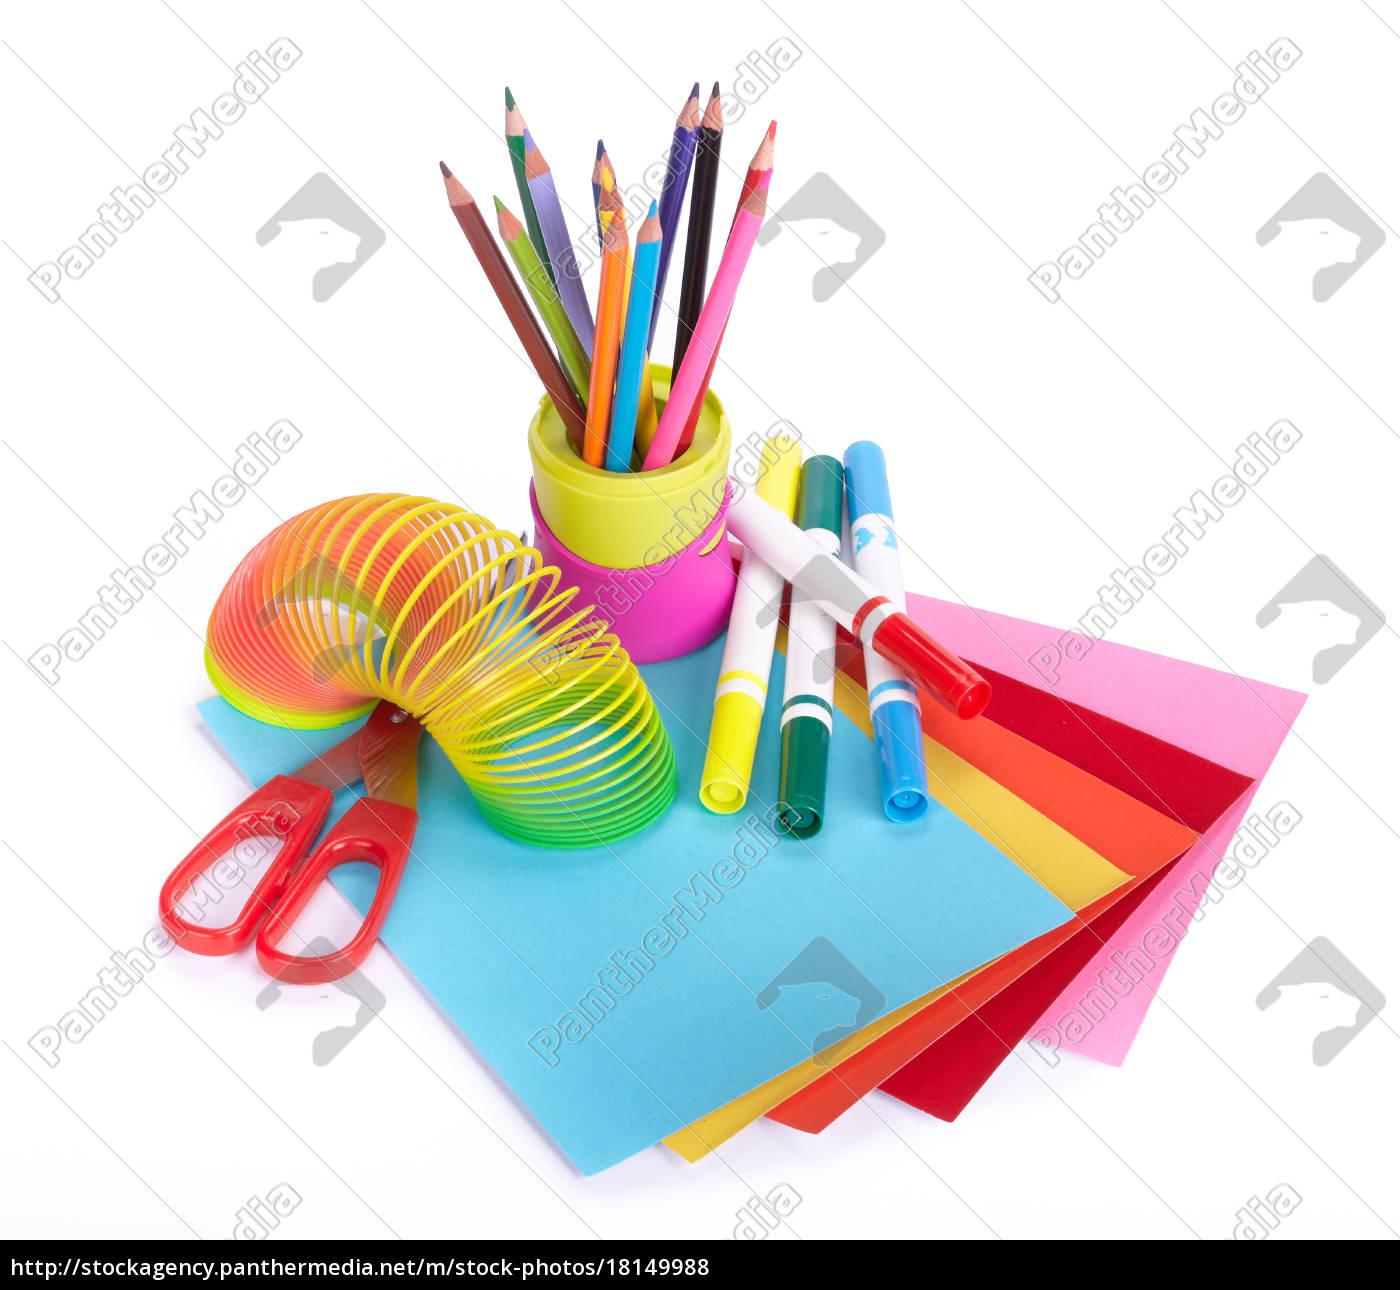 verschiedene, schulaccessoires, für, die, kreativität, der - 18149988